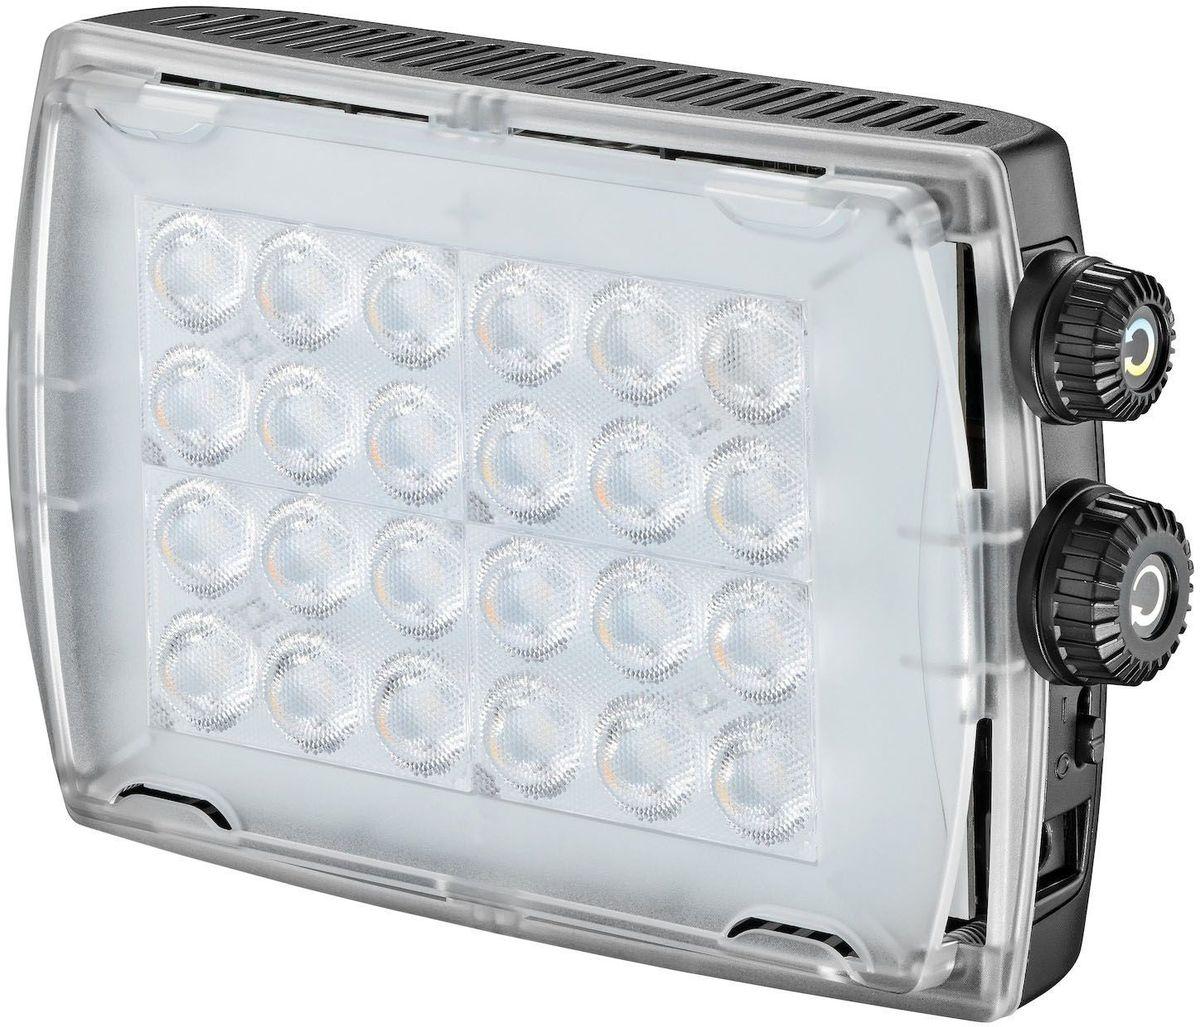 Manfrotto MLCROMA2, Black свет для фотостудииMLCROMA2Портативный гибридный светодиодный прибор нового поколения. Диммерная регулировка цветовой температуры 3100-5600 К, освещенность 900 люкс на расстоянии 1 м, регулировка степени освещенности 0-100%. Благодаря отличной цветопередаче (CRI> 93), прибор позволяет с высокой точностью воспроизвести цвета и оттенки. В приборе предусмотрено три вида питания: от шести АА батареек, от сети (адаптер в комплекте) или от аккумулятора (адаптер в комплекте). Комплектуется диффузным фильтром и поворотным кронштейном для установки.